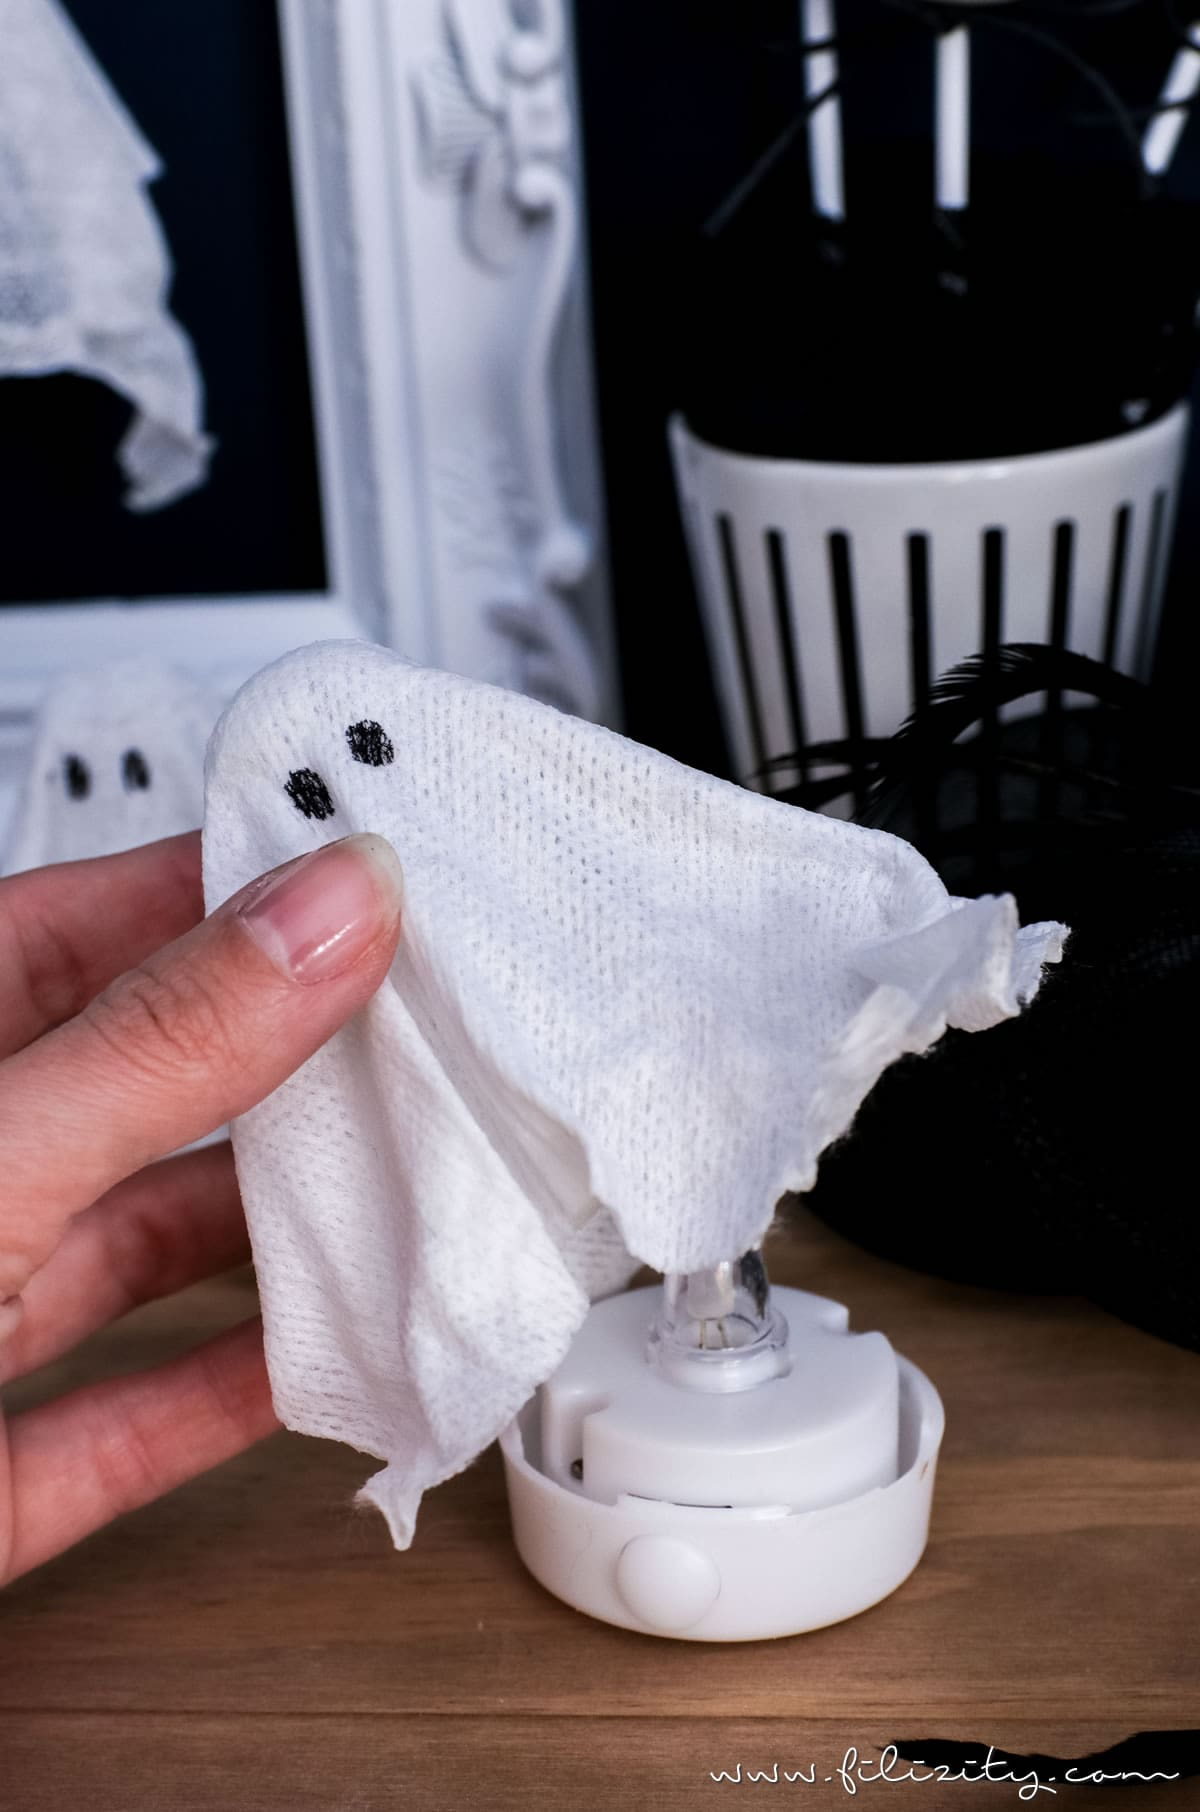 DIY Halloweendeko selber machen: Geister-Lampen und Geister-Anhänger ganz einfach ohne Sauerei basteln   Filizity.com   Food-Blog aus dem Rheinland #halloween #booh #geister